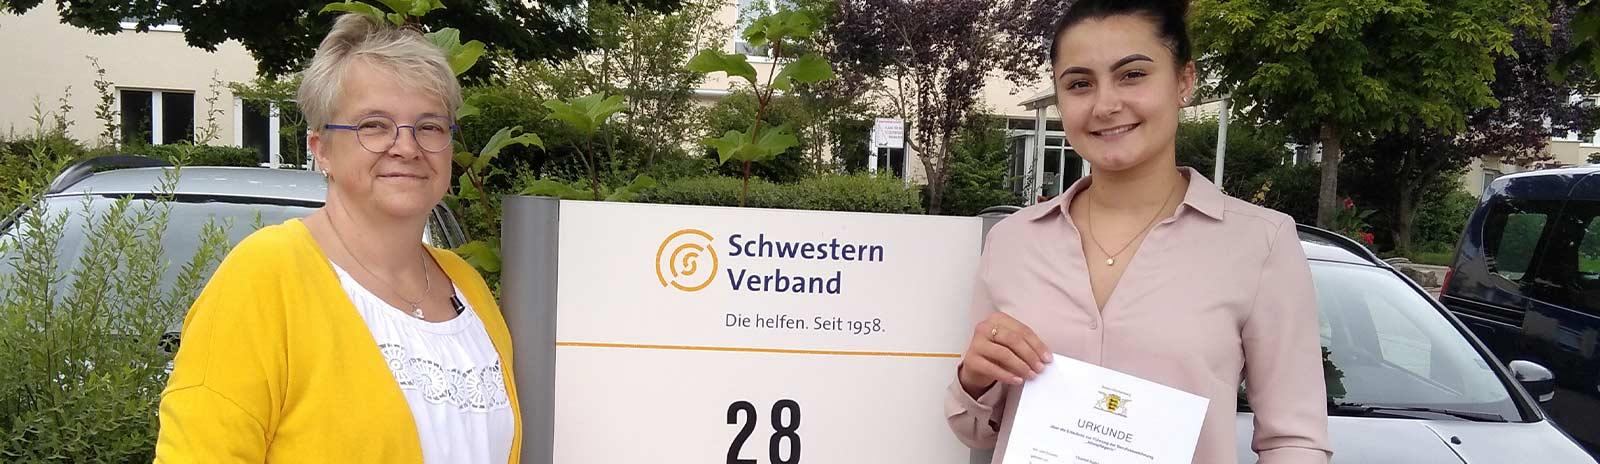 Brühlpark_Prüfung-bestanden_slider